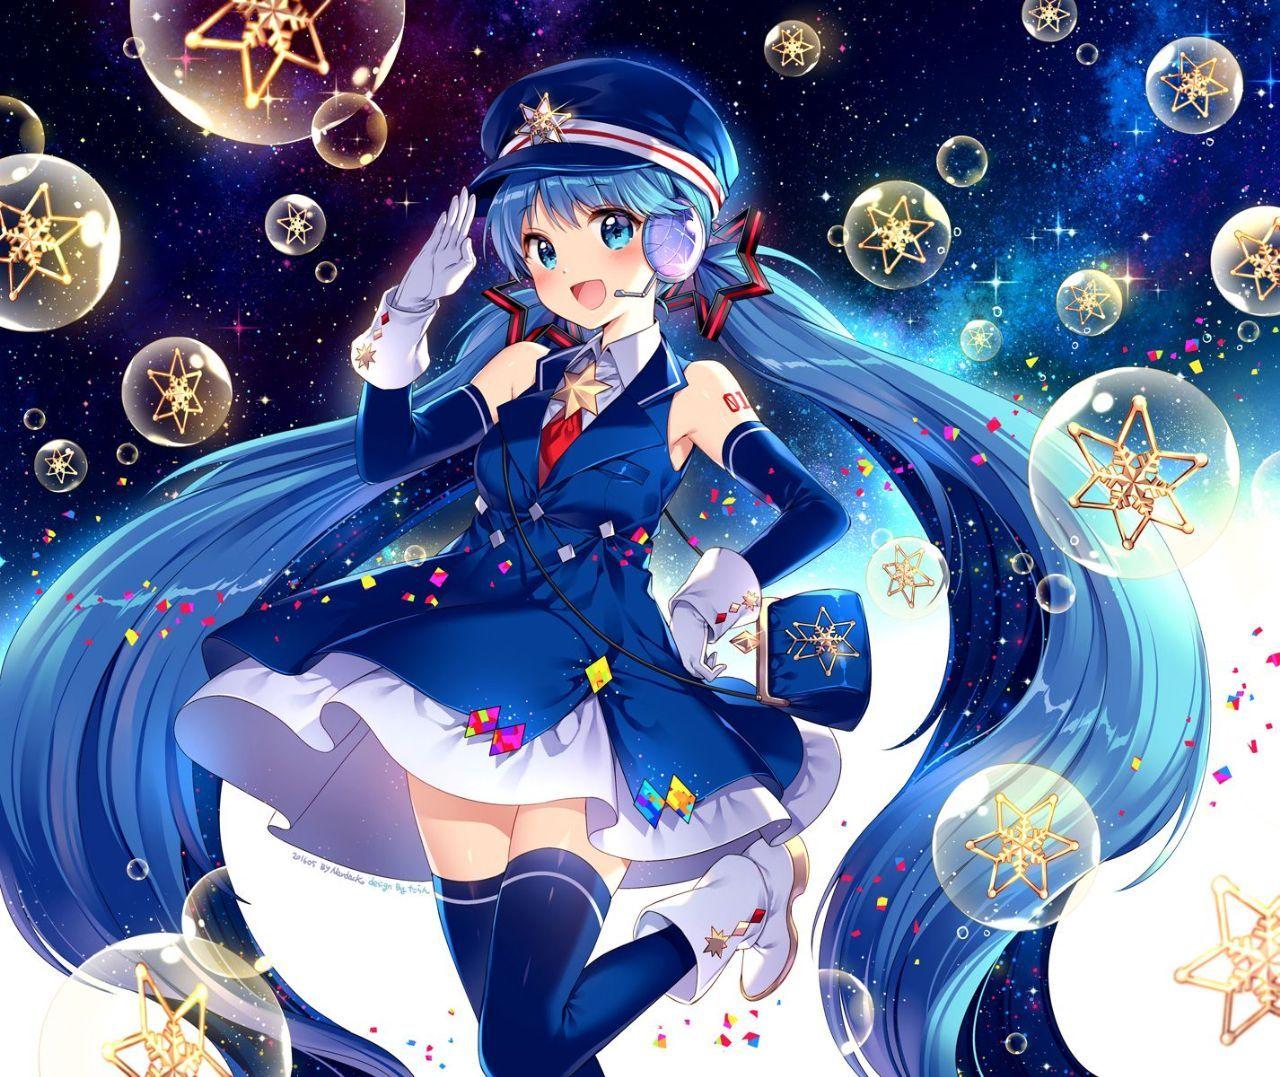 4 công chúa cá tính và 4 hoàng tử lạnh lùng - Giới thiệu nhân vật | Hatsune miku, Anime, Cô gái phim hoạt hình